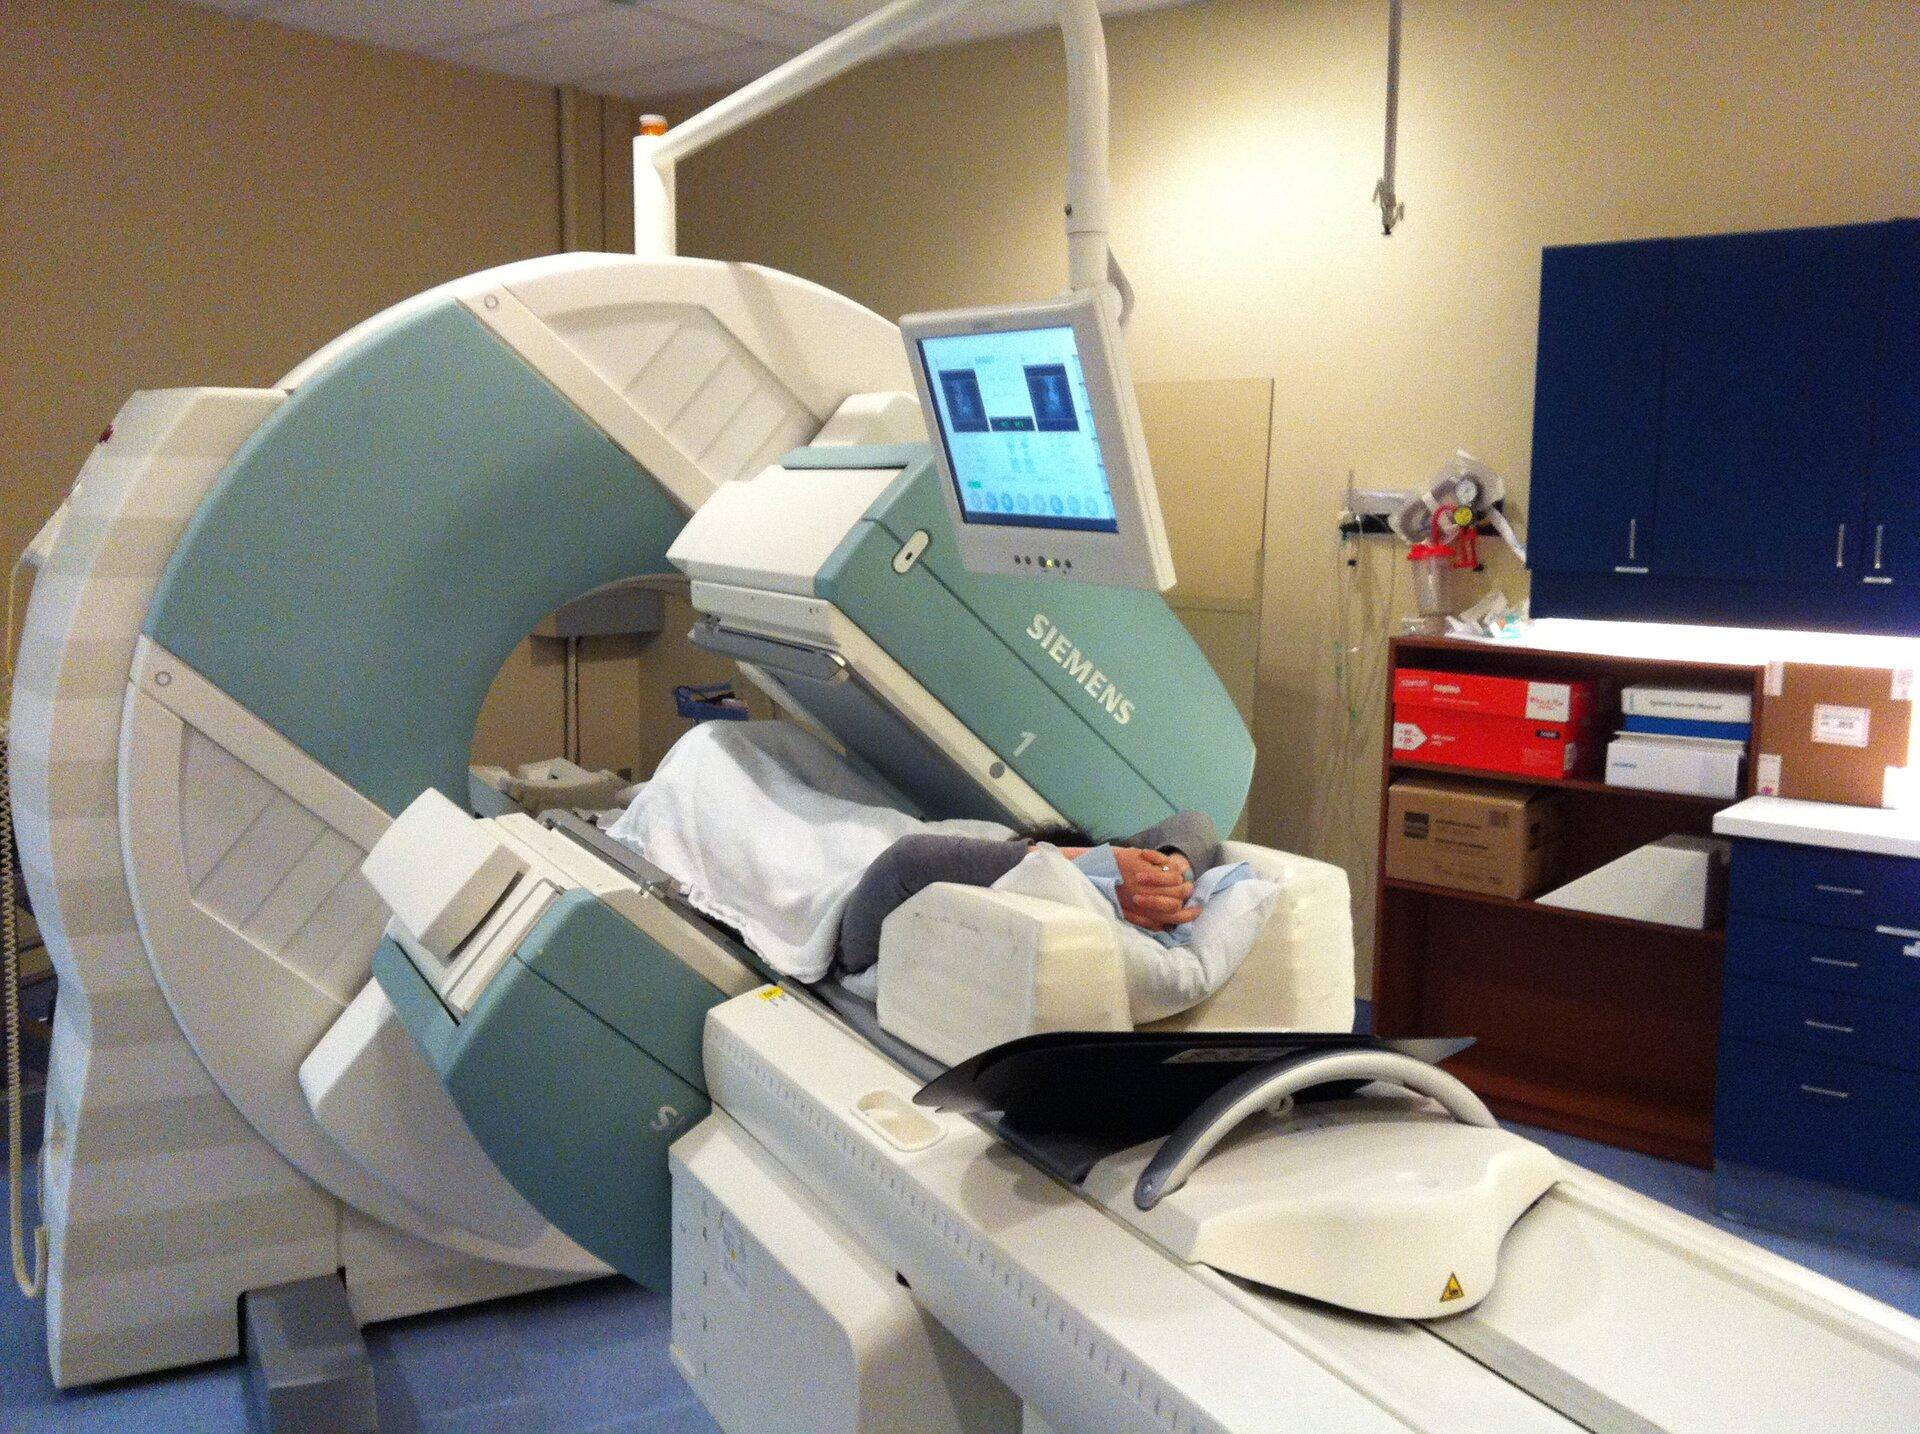 Na zdjęciu wnętrze gabinetu diagnostycznego. Na środku tomograf. Duże koło zotworem pośrodku. Na ruchomej części tomografu leży pacjent. Na monitorze obraz diagnozowanego narządu pacjenta. Zprawej strony inne wyposażenie gabinetu, regały zsegregatorami.